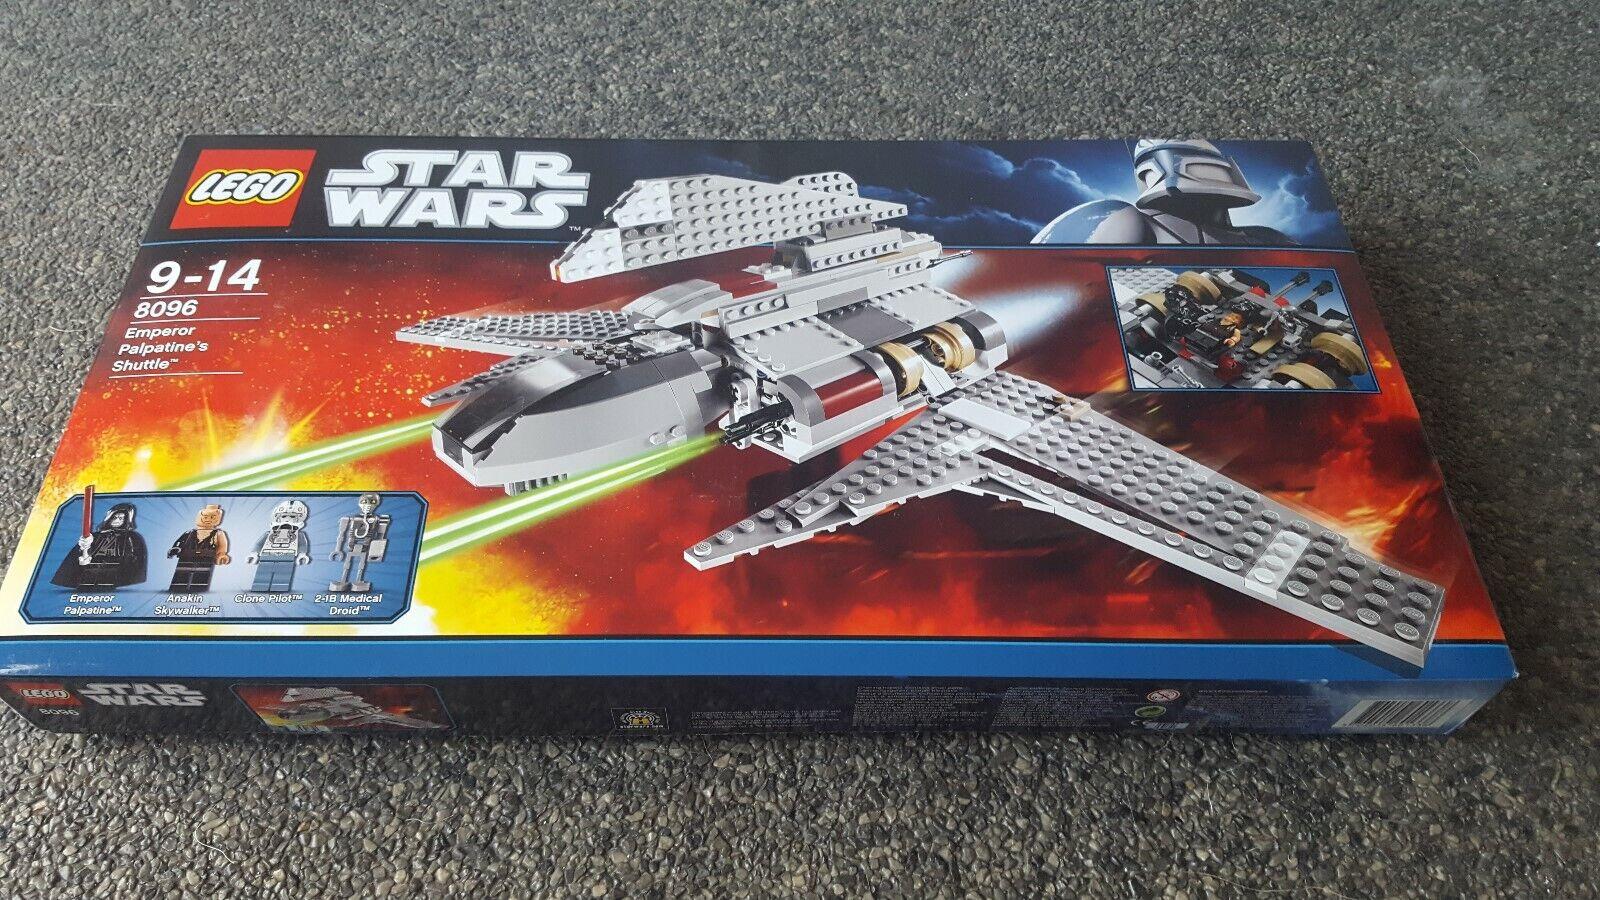 LEGO 8096 estrella guerras EMPEROR PALPATINE'S  SHUTTLE FACTORY SEALED  produttori fornitura diretta